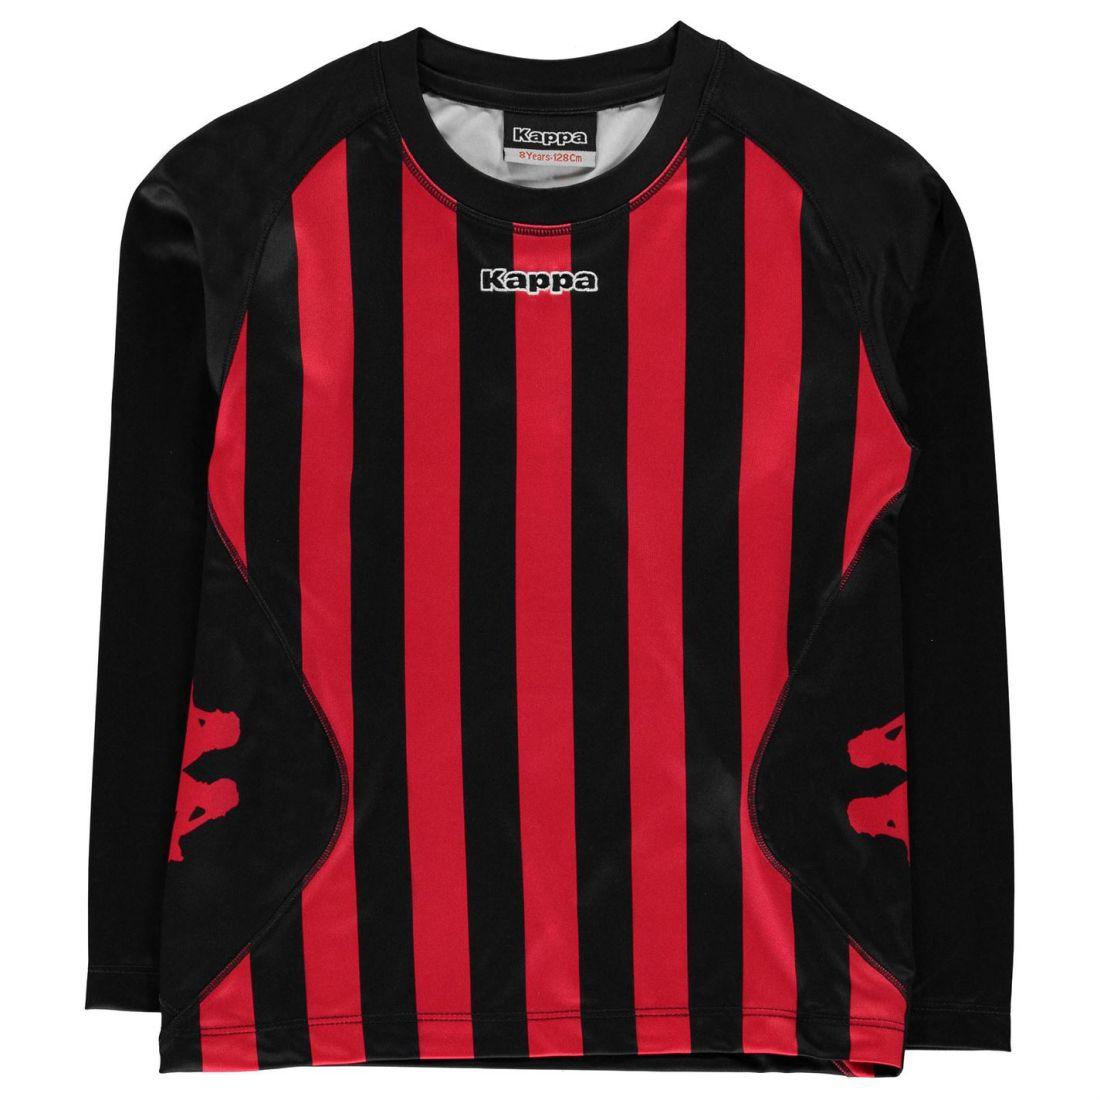 3e3cdff0749 Long Sleeve Tee Shirts Juniors - Data Dynamic AG